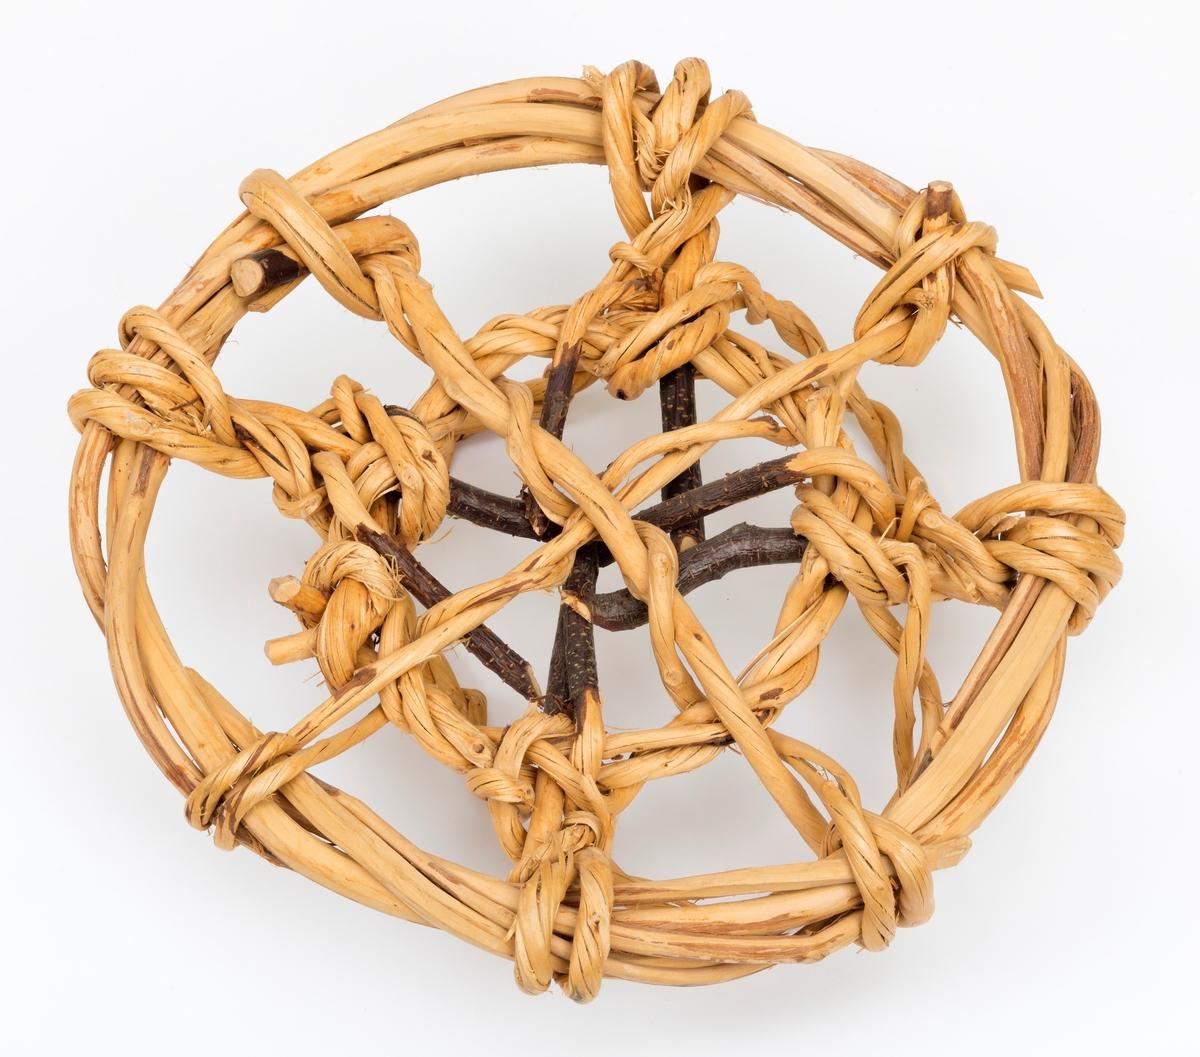 Materialet i trugene er bjørk. De er ubrukte. Ringen er satt sammen av fire grener, mens flettverket i bunnen og de fire hempene til å feste på hestebeinet er laget av vidjer.